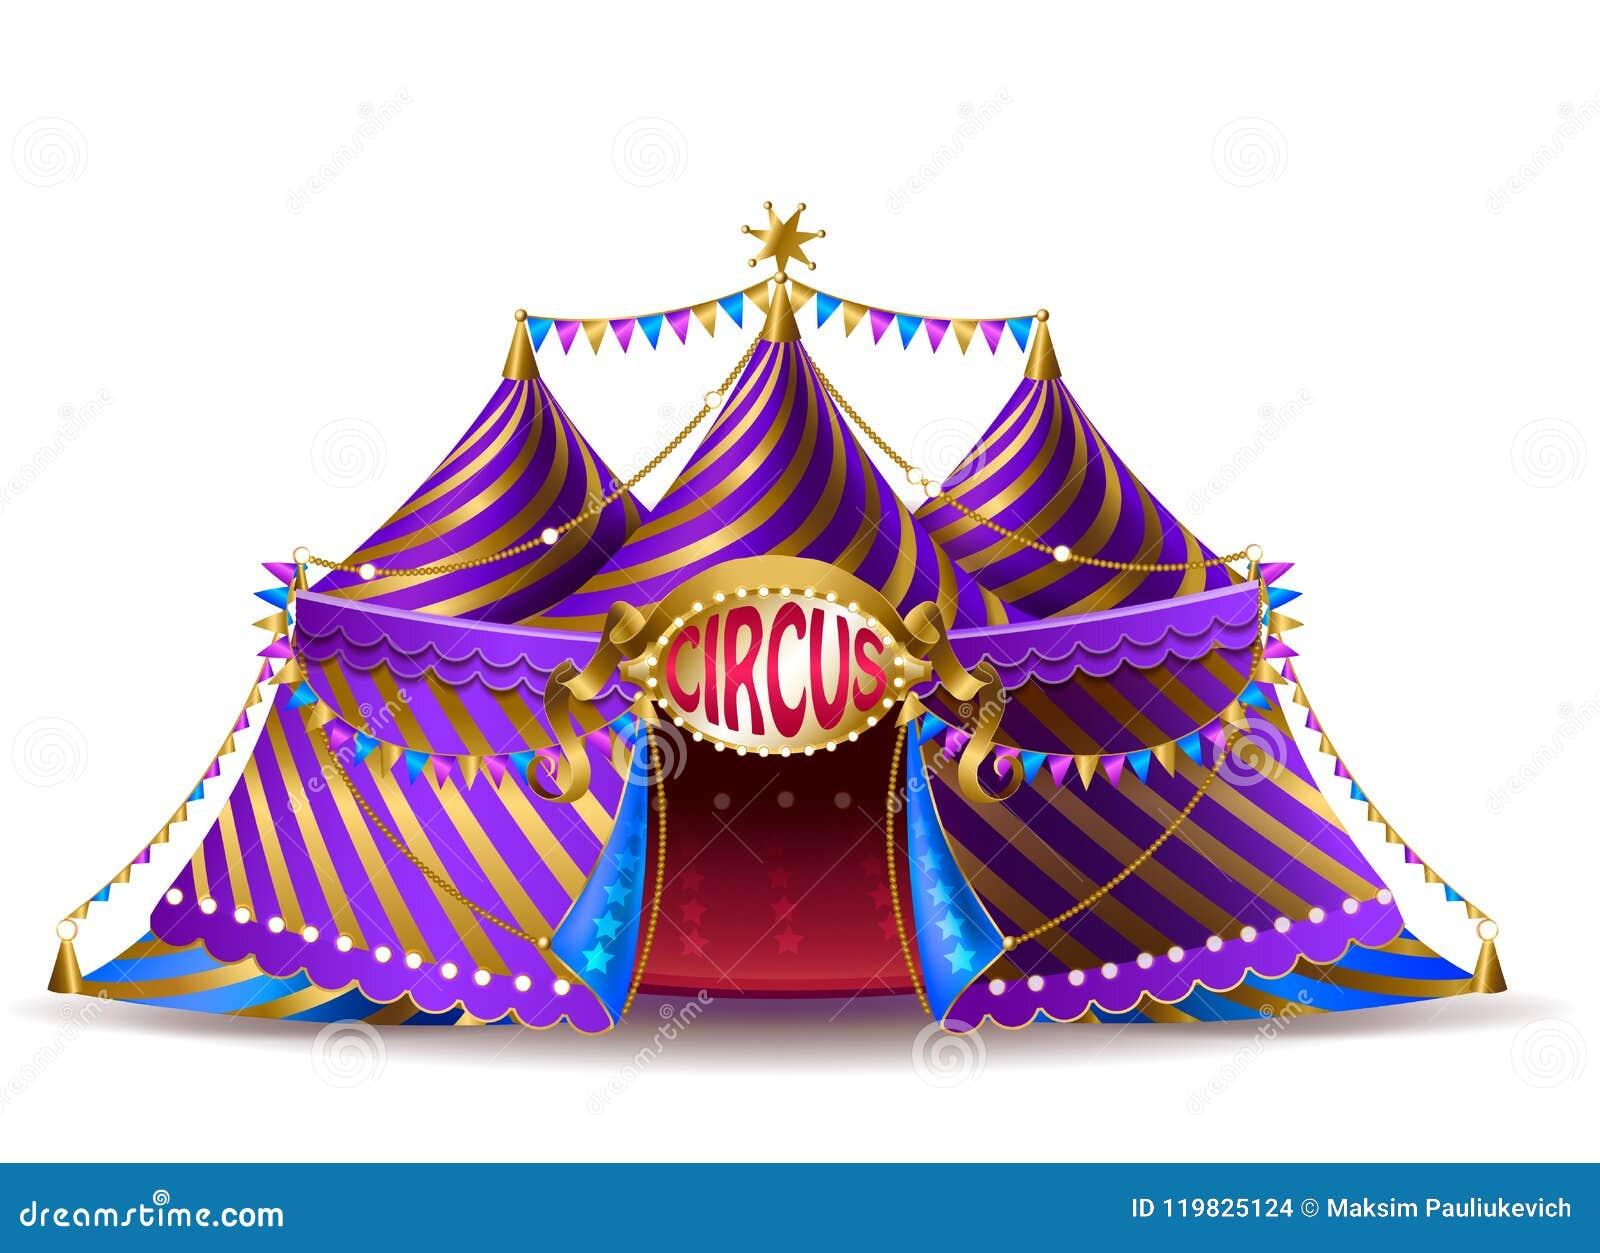 Tente de cirque rayée de vecteur pour des représentations